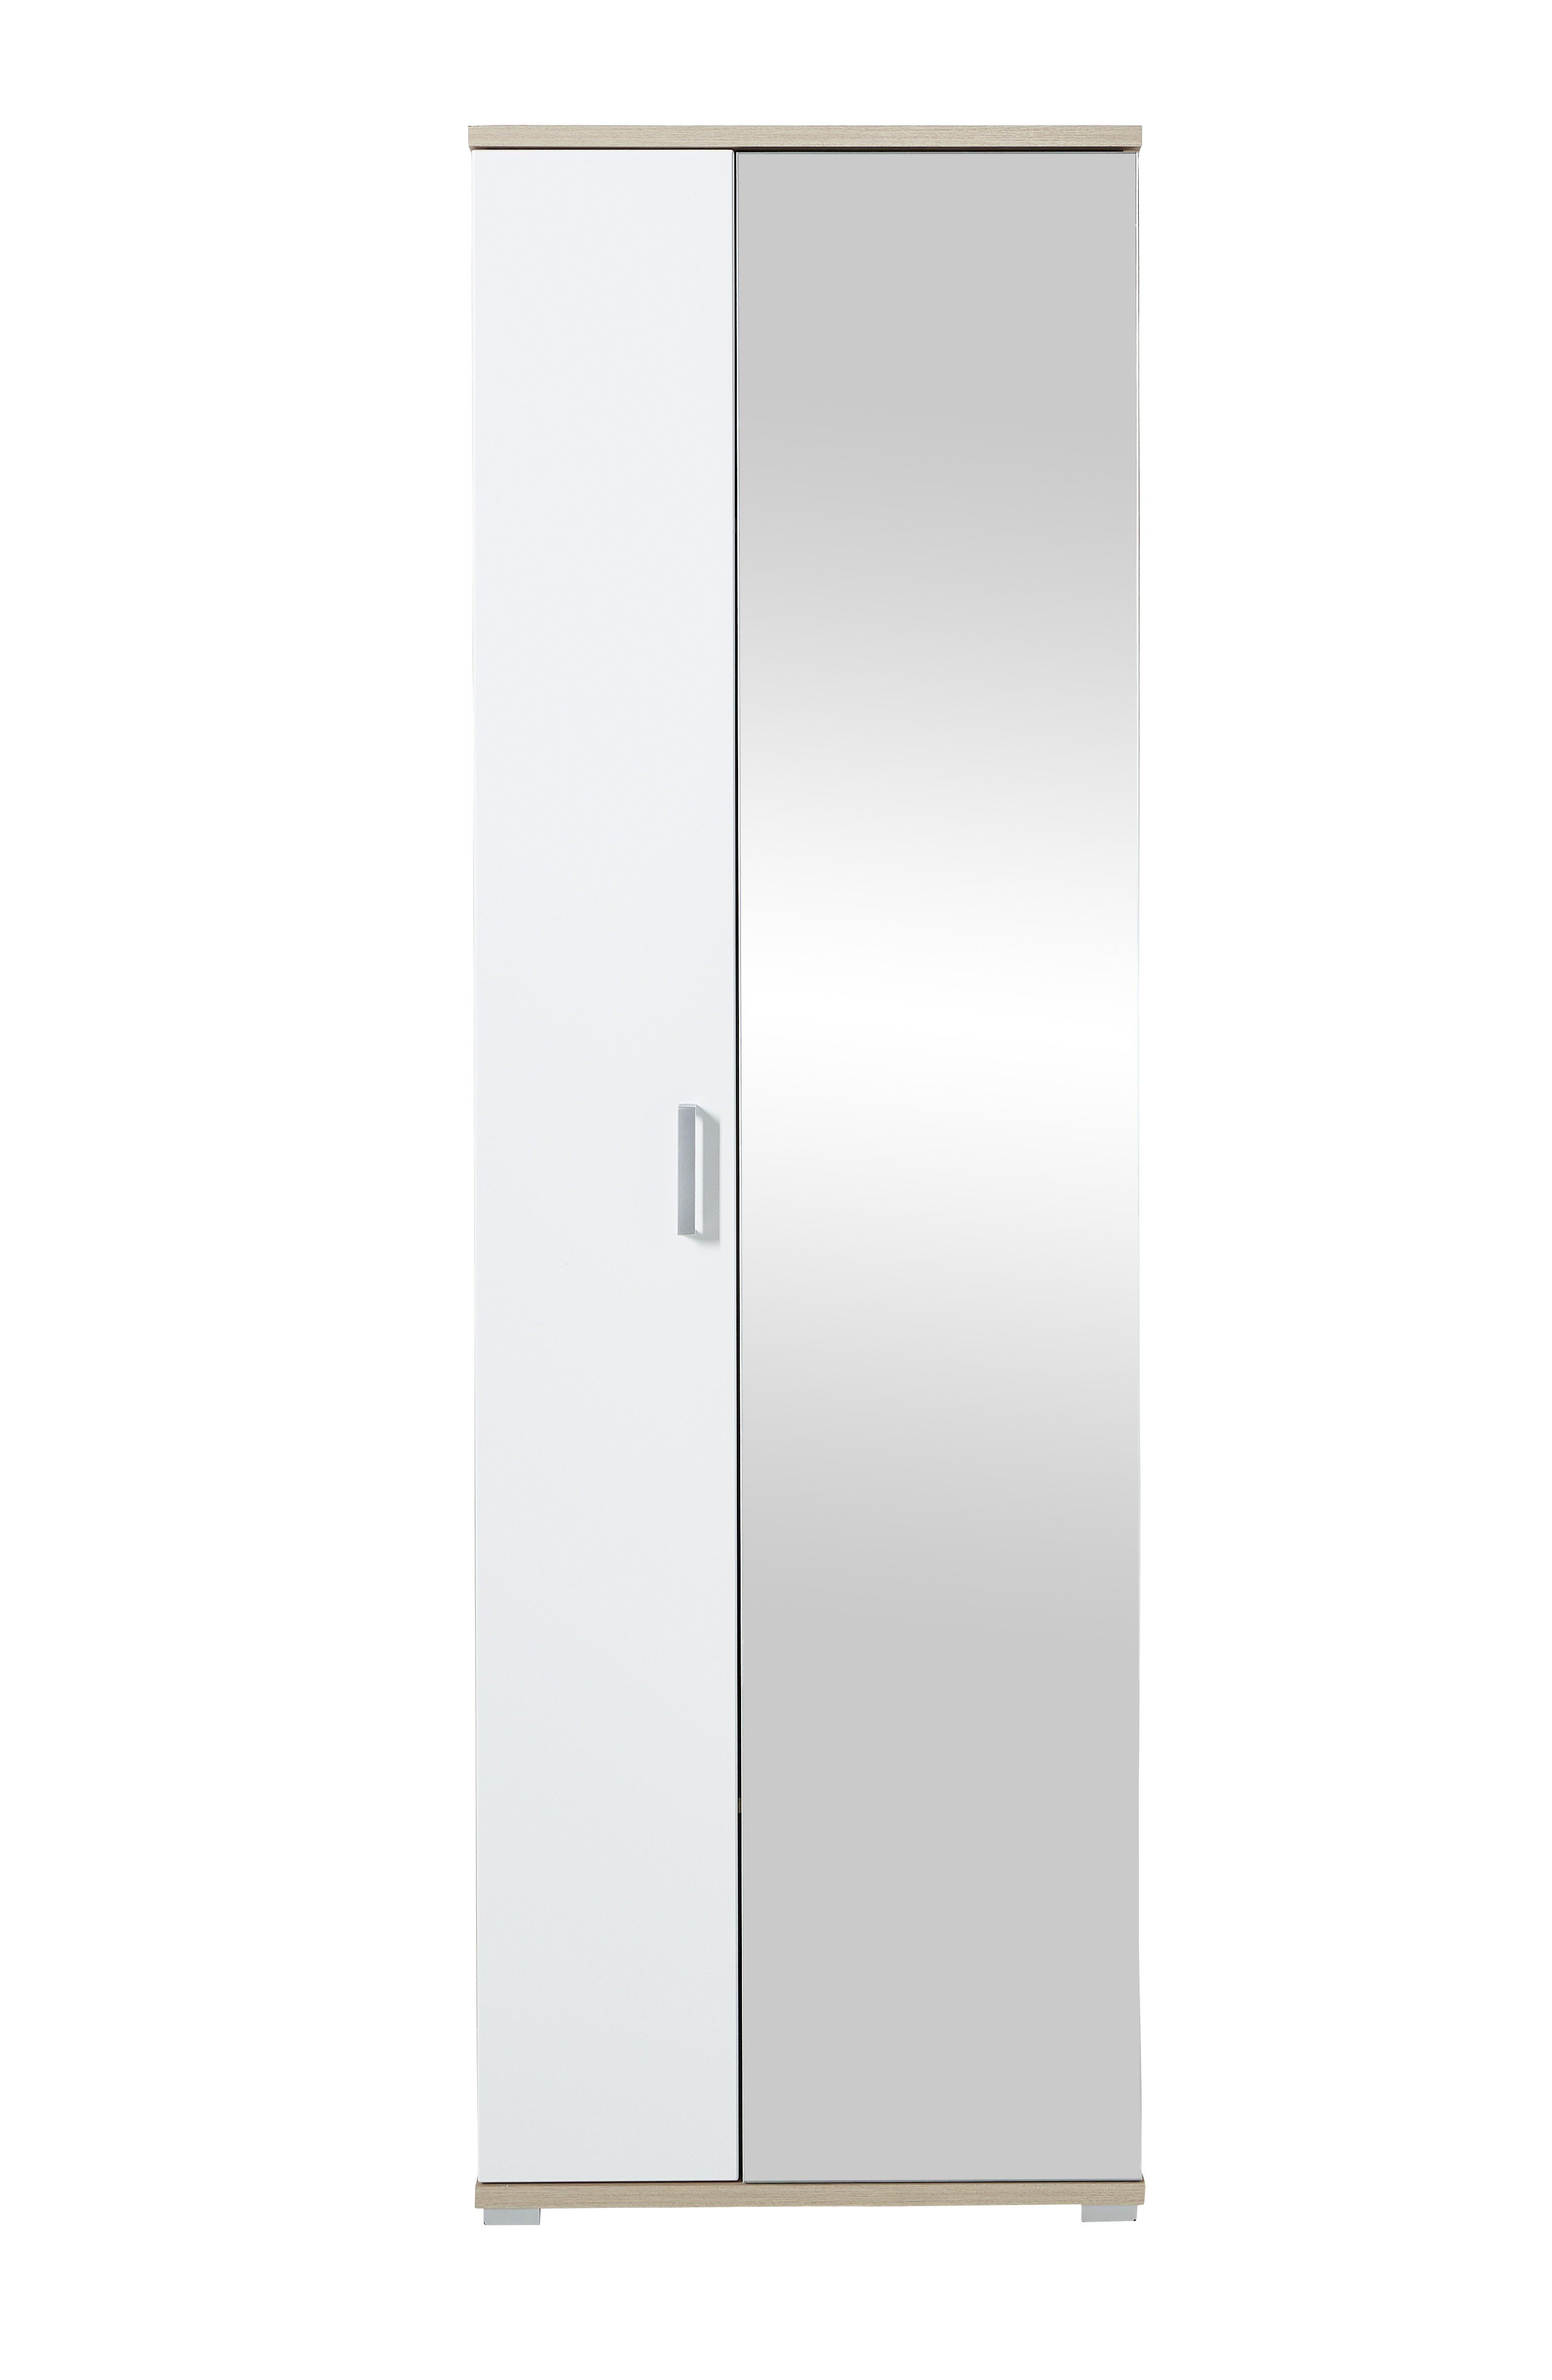 Kleiderschrank Arkona, weiß, braun, Eiche, Holz, Beschichtete Spanplatte